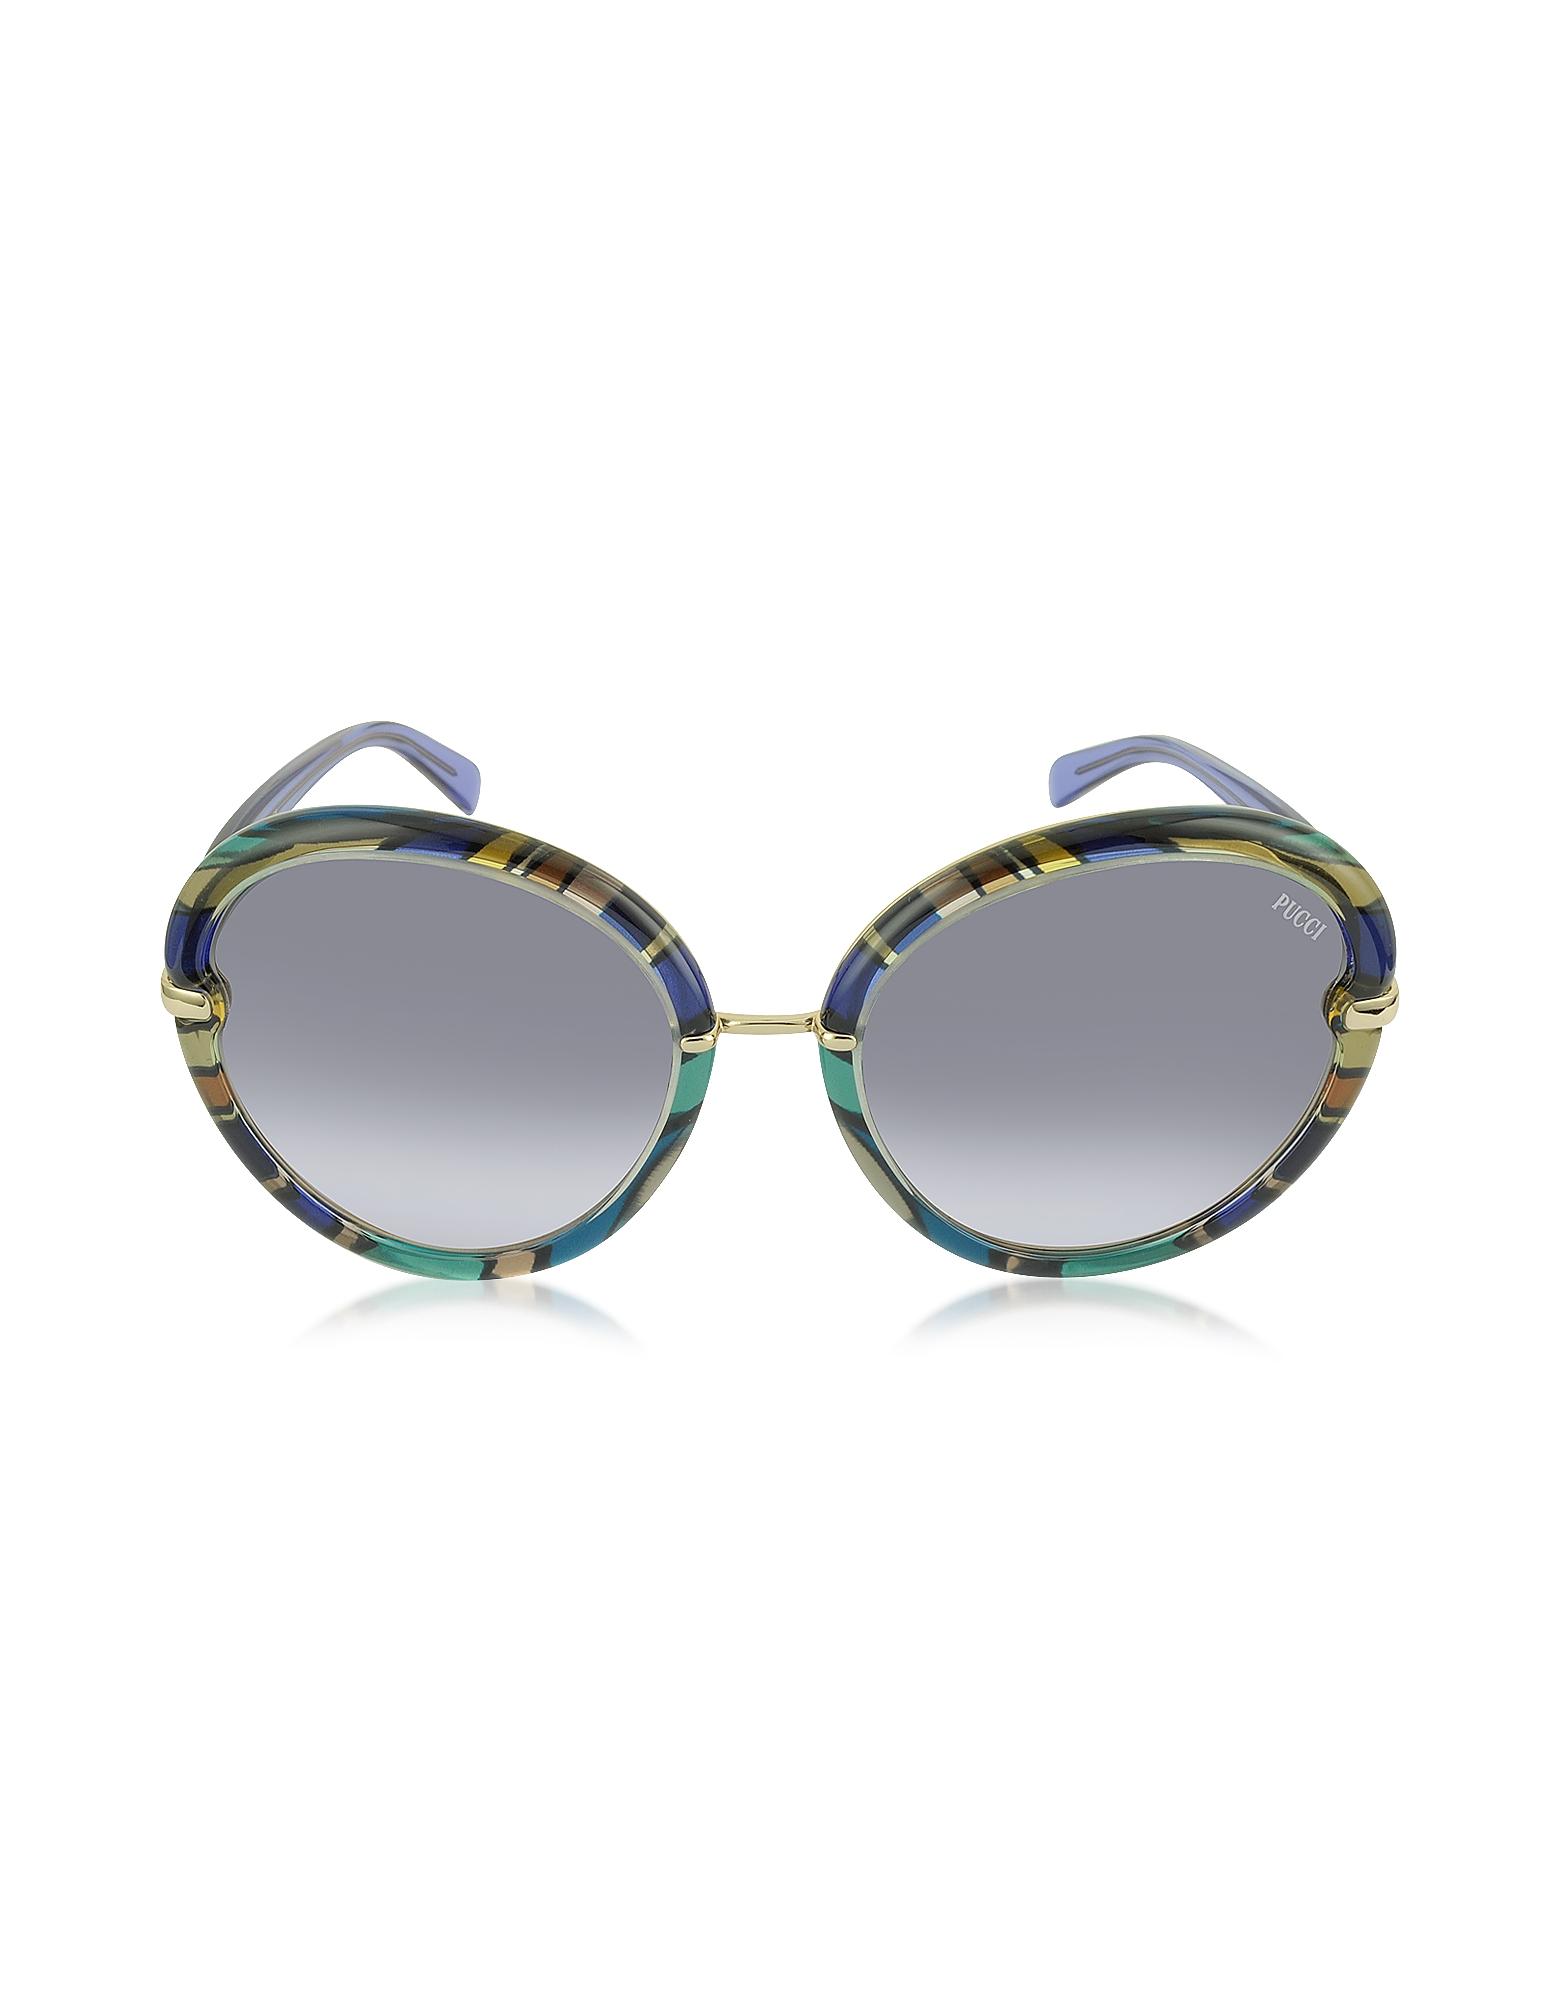 Emilio Pucci Designer Sunglasses,  EP0012 Fantasy Acetate Round Sunglasses